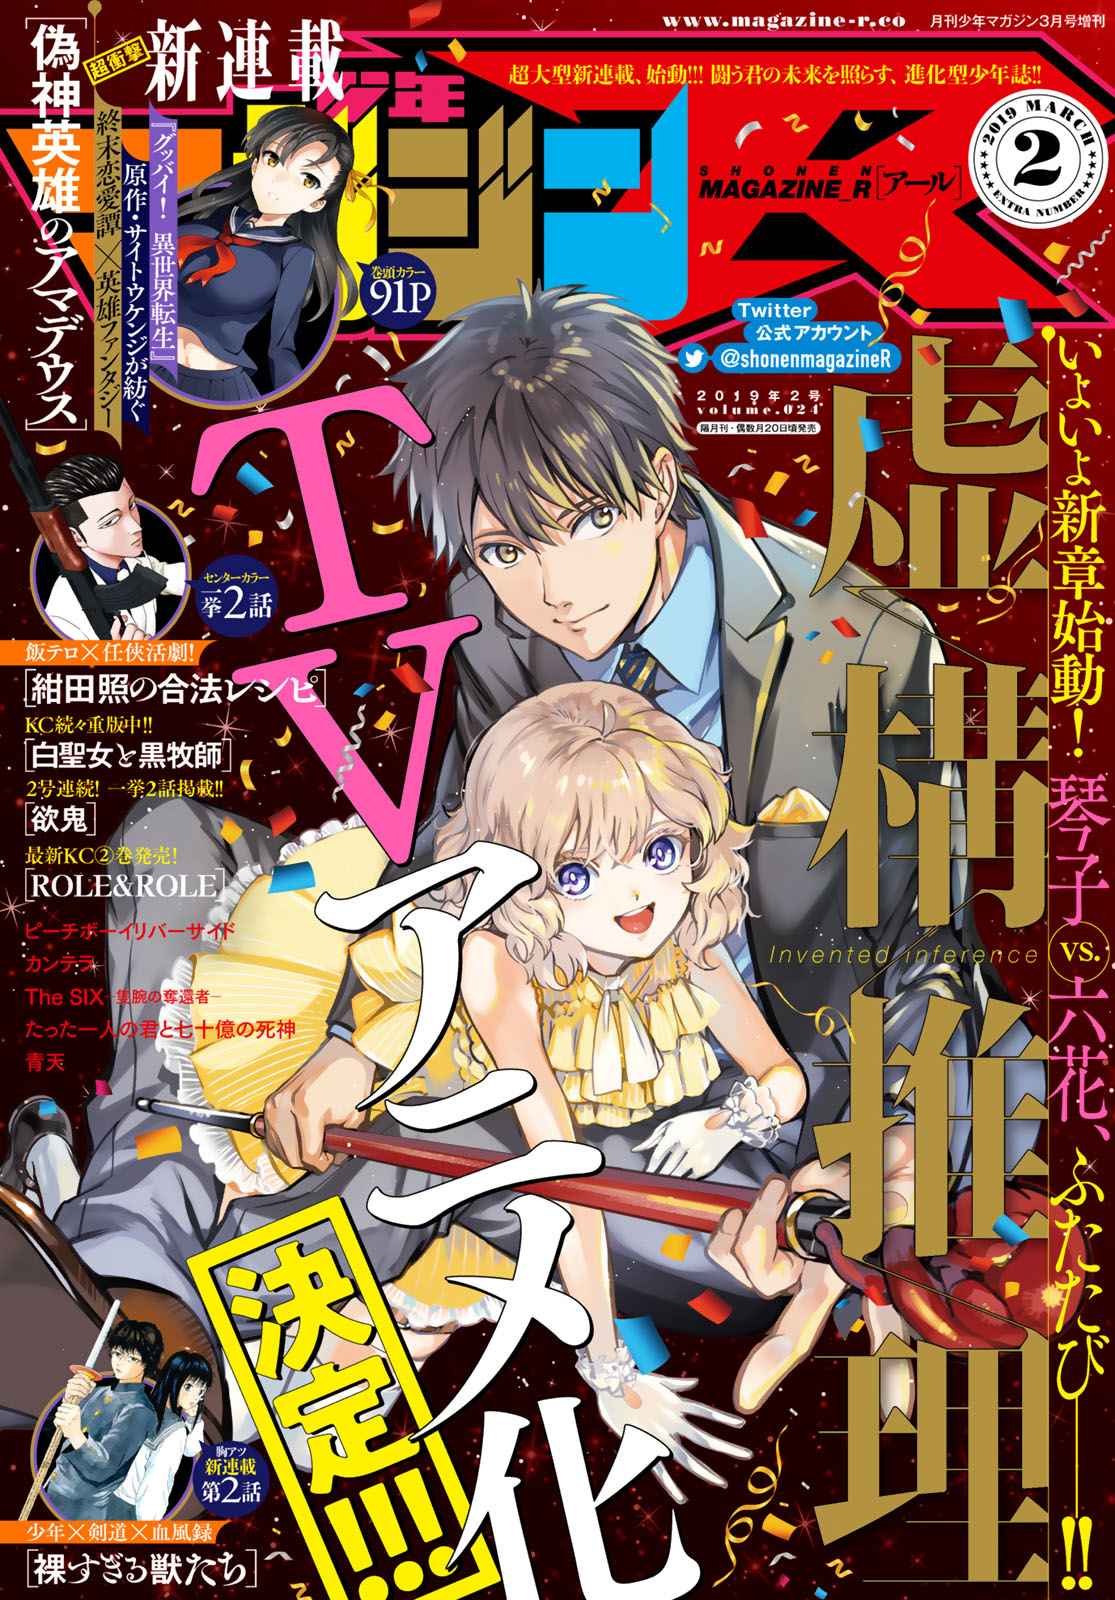 少年マガジンR 2019年2号